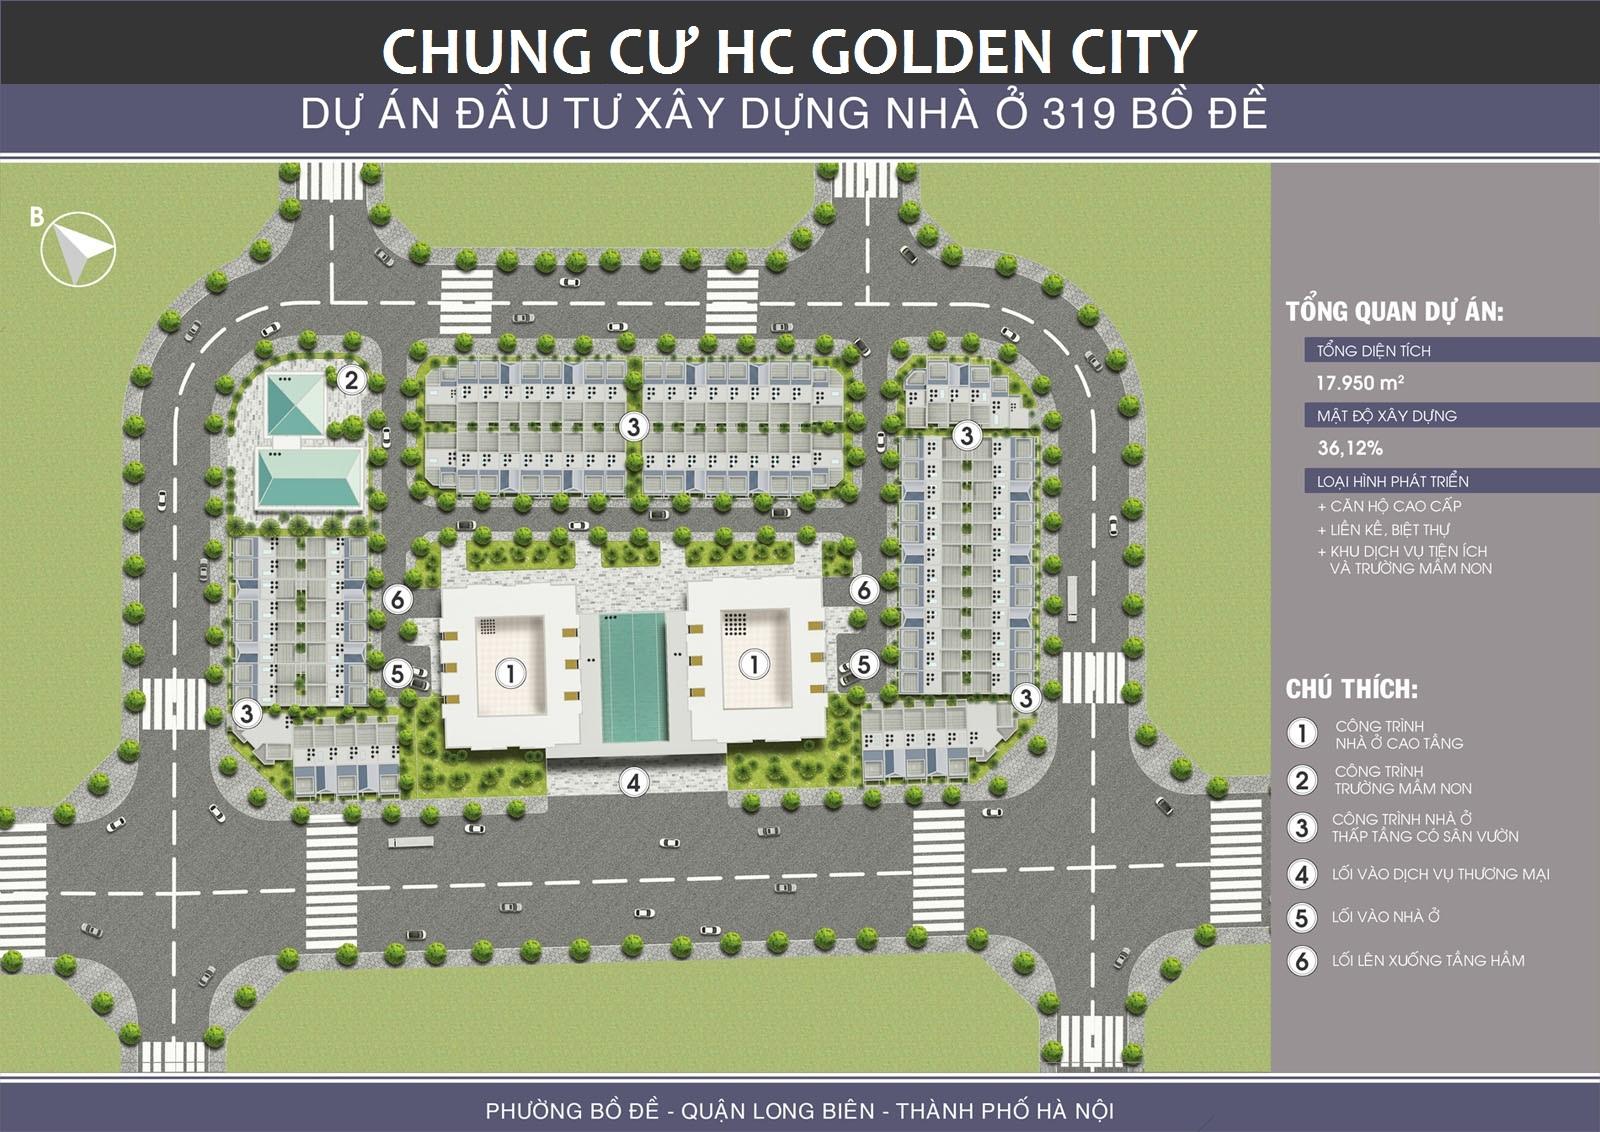 Mặt bằng Tổng thể, Tiện ích Dự án Chung cư HC Golden City